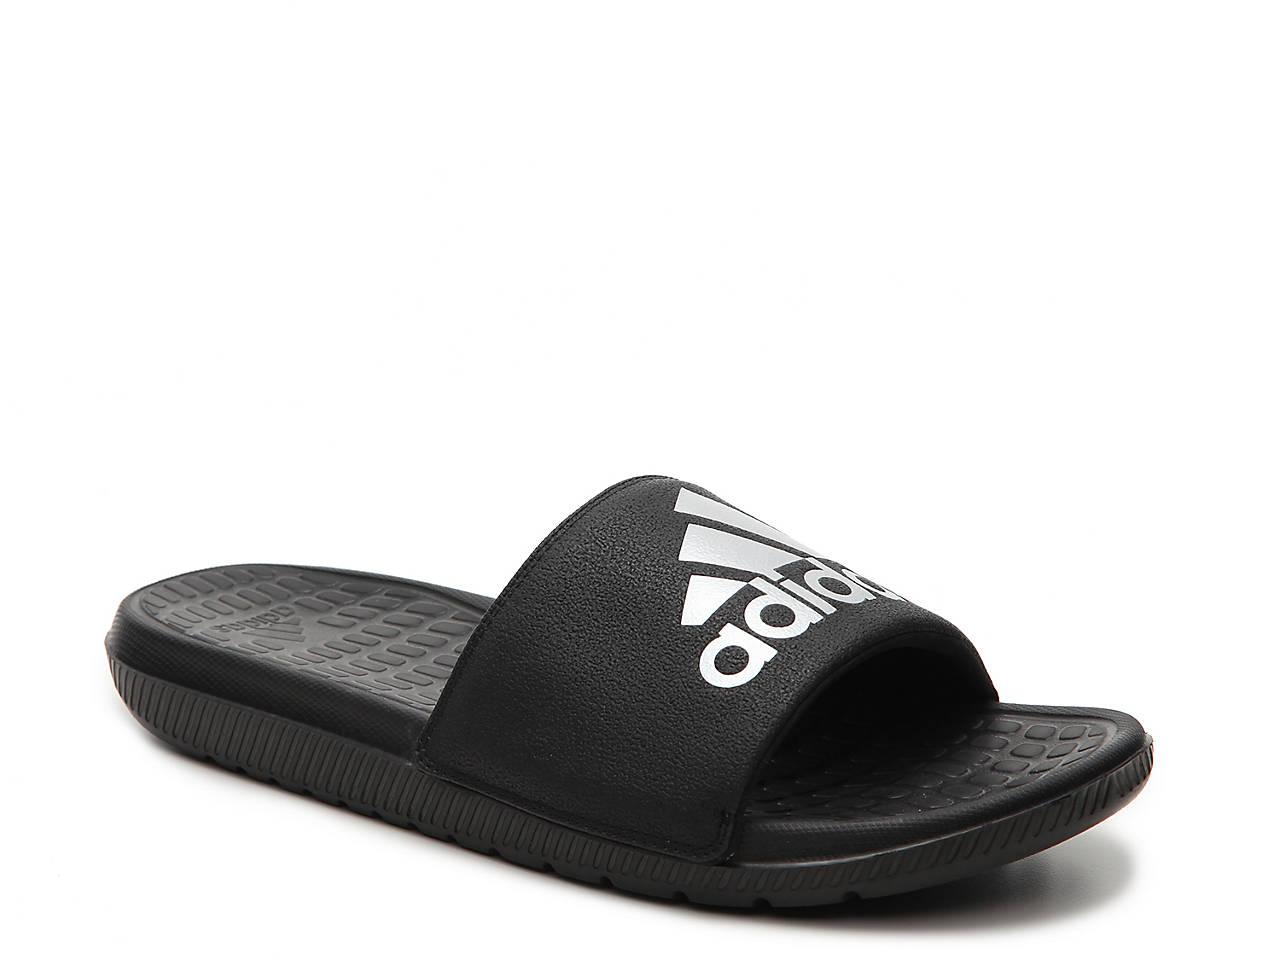 Black sandals at dsw - Voloomix Slide Sandal